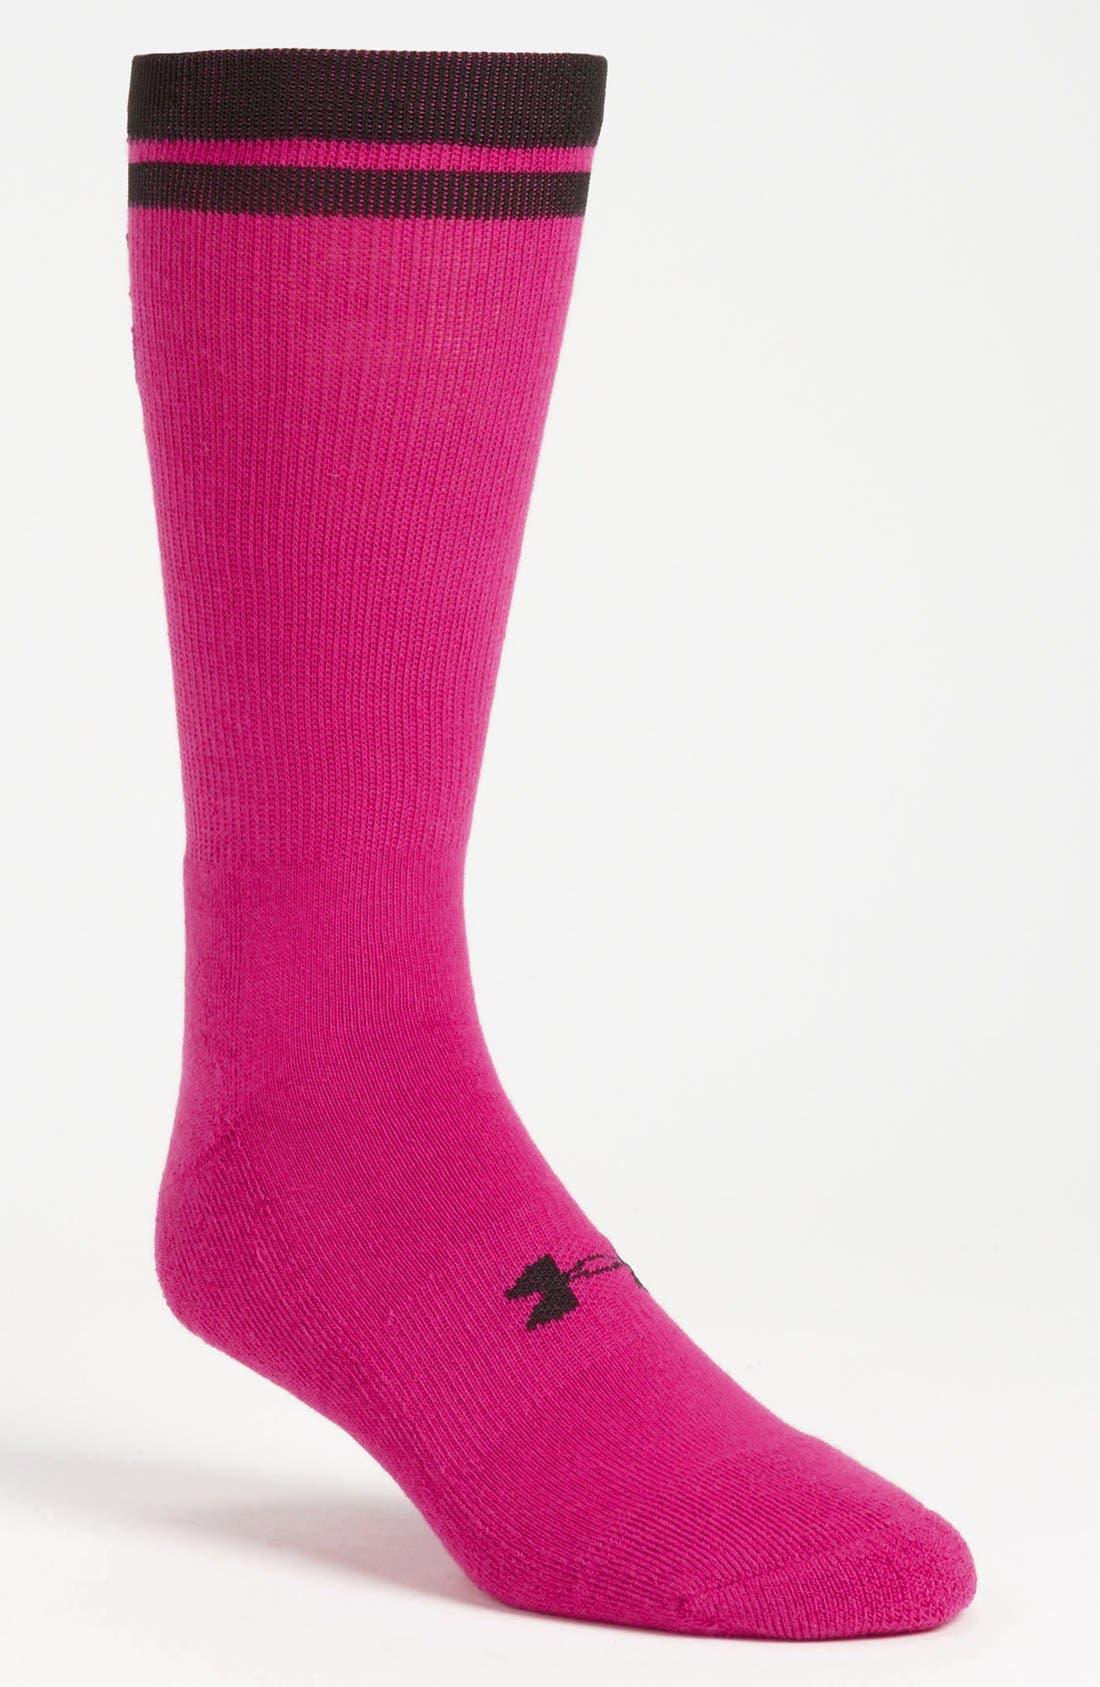 Alternate Image 1 Selected - Under Armour 'Zagger' Crew Socks